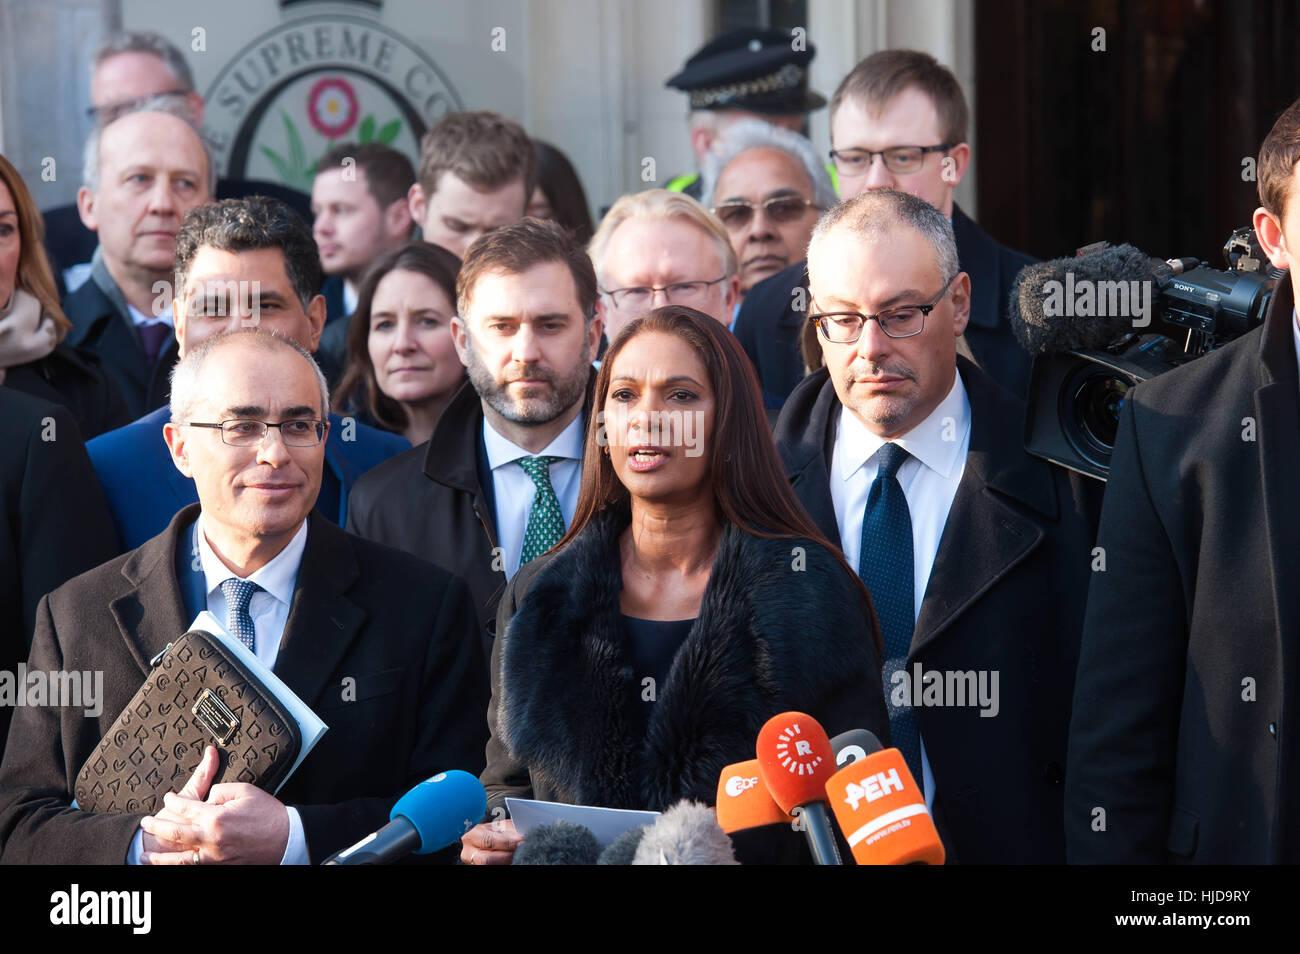 Londra, Regno Unito. 24 gennaio 2017.Gina Miller parlando dopo che la Corte Suprema ha respinto l'appello del Immagini Stock